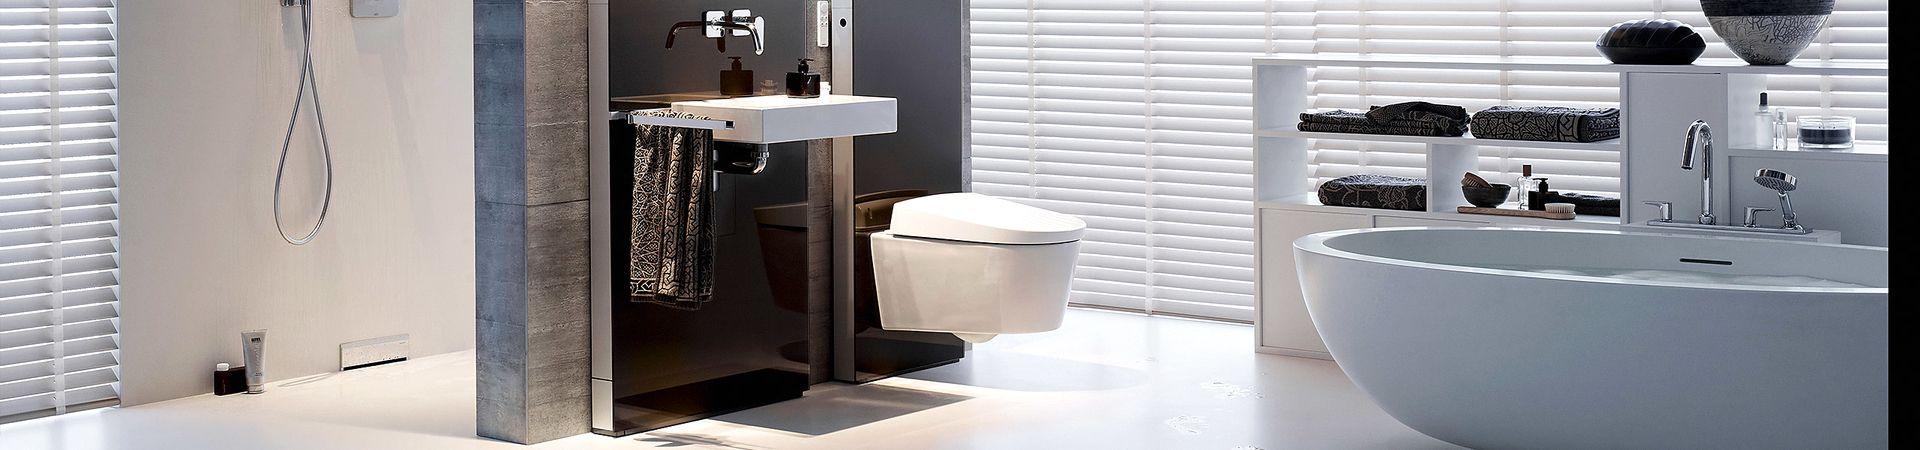 Toilet verbouwen: van staand naar hangend toilet - Toilet verbouwen: van staand naar hangend toilet